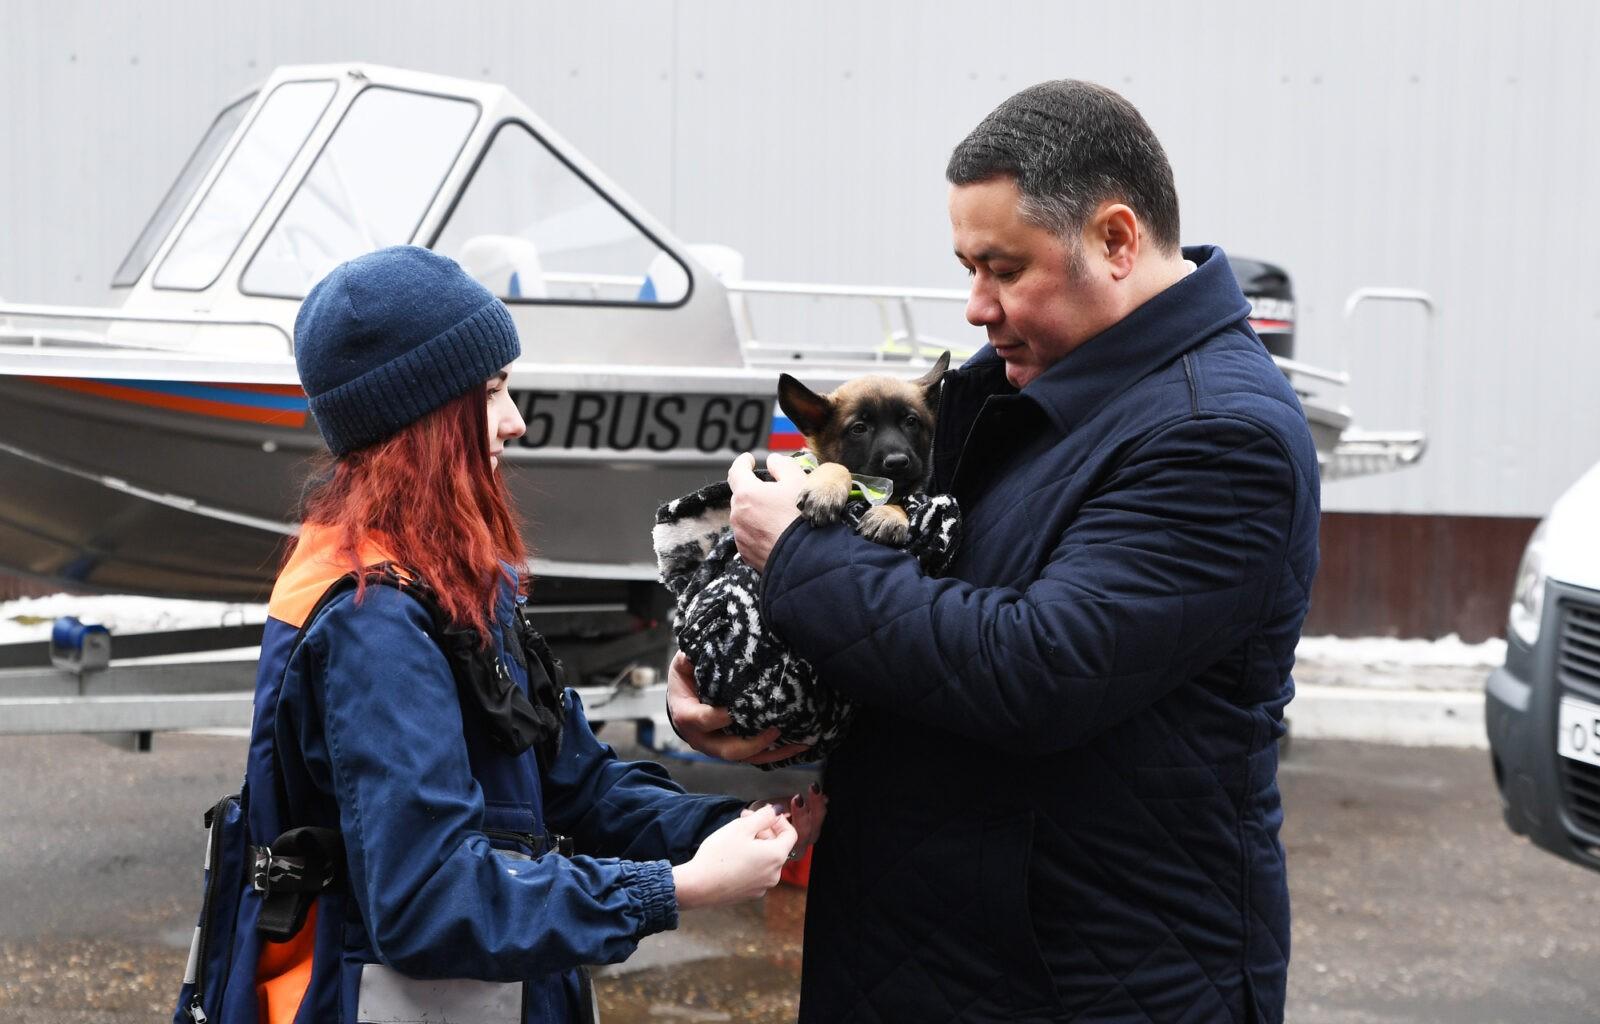 Аварийно-спасательной службе Тверской области исполнилось 25 лет